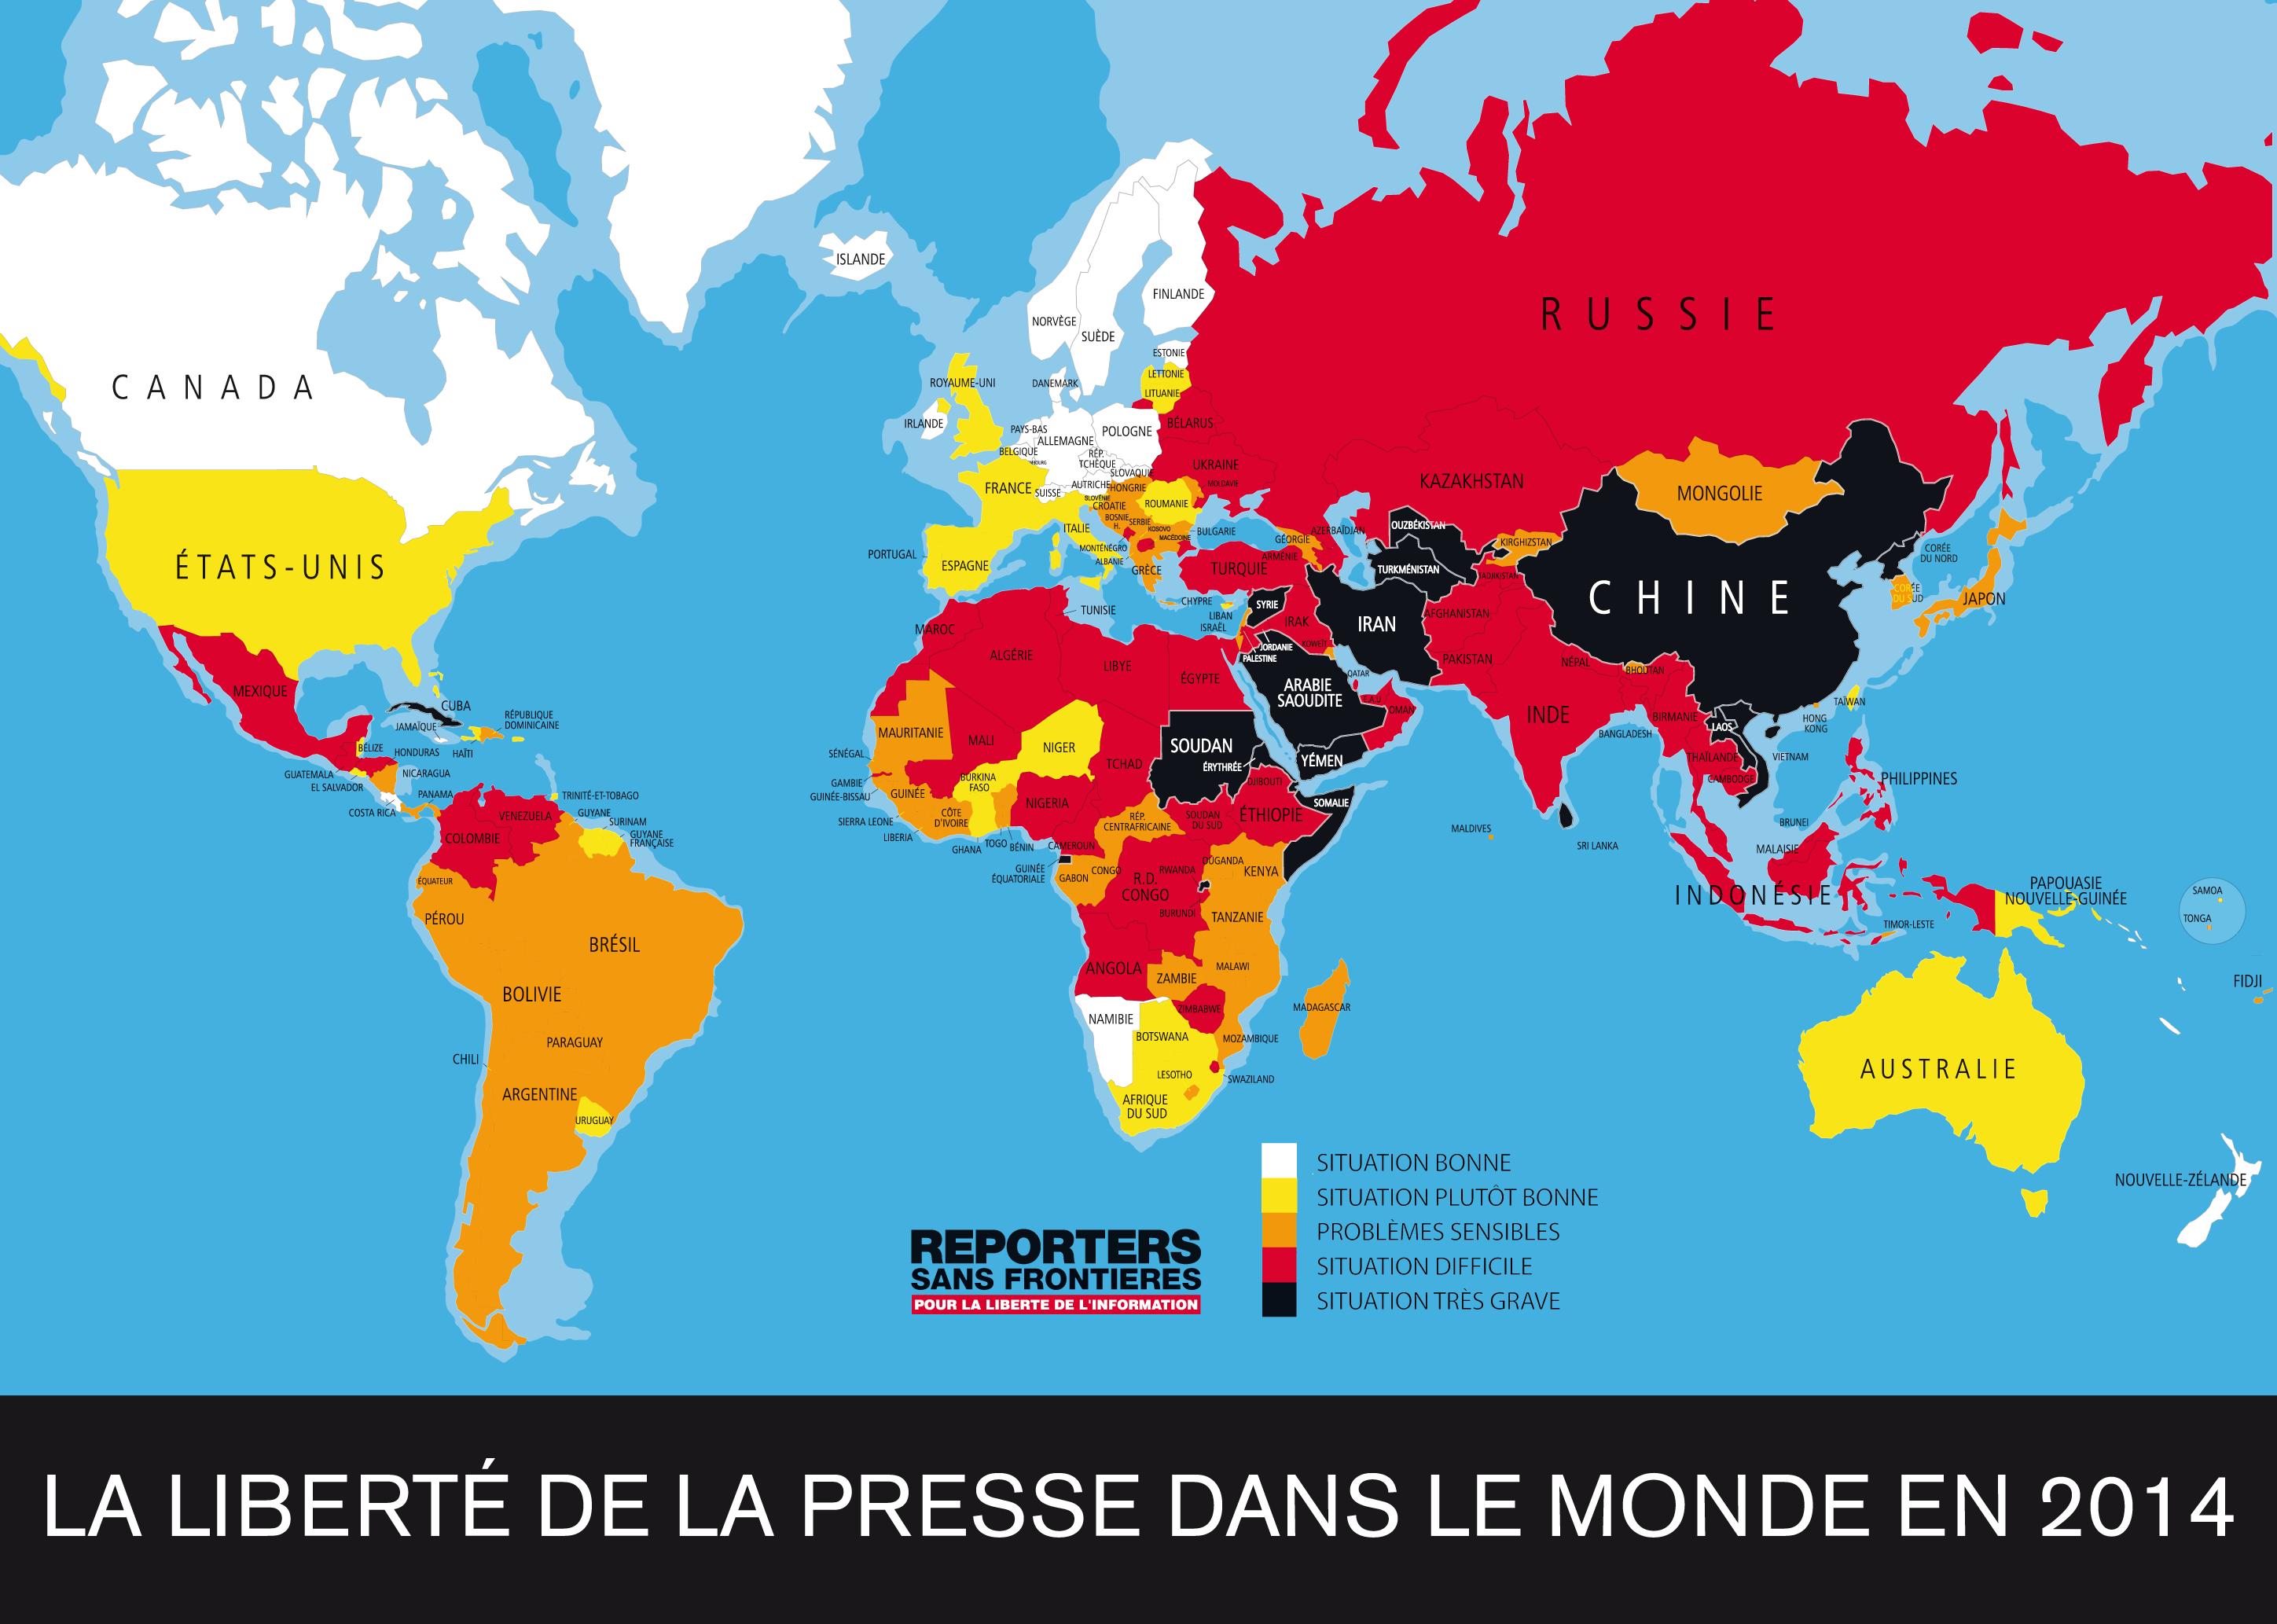 La libert de la presse dans le monde en 2014